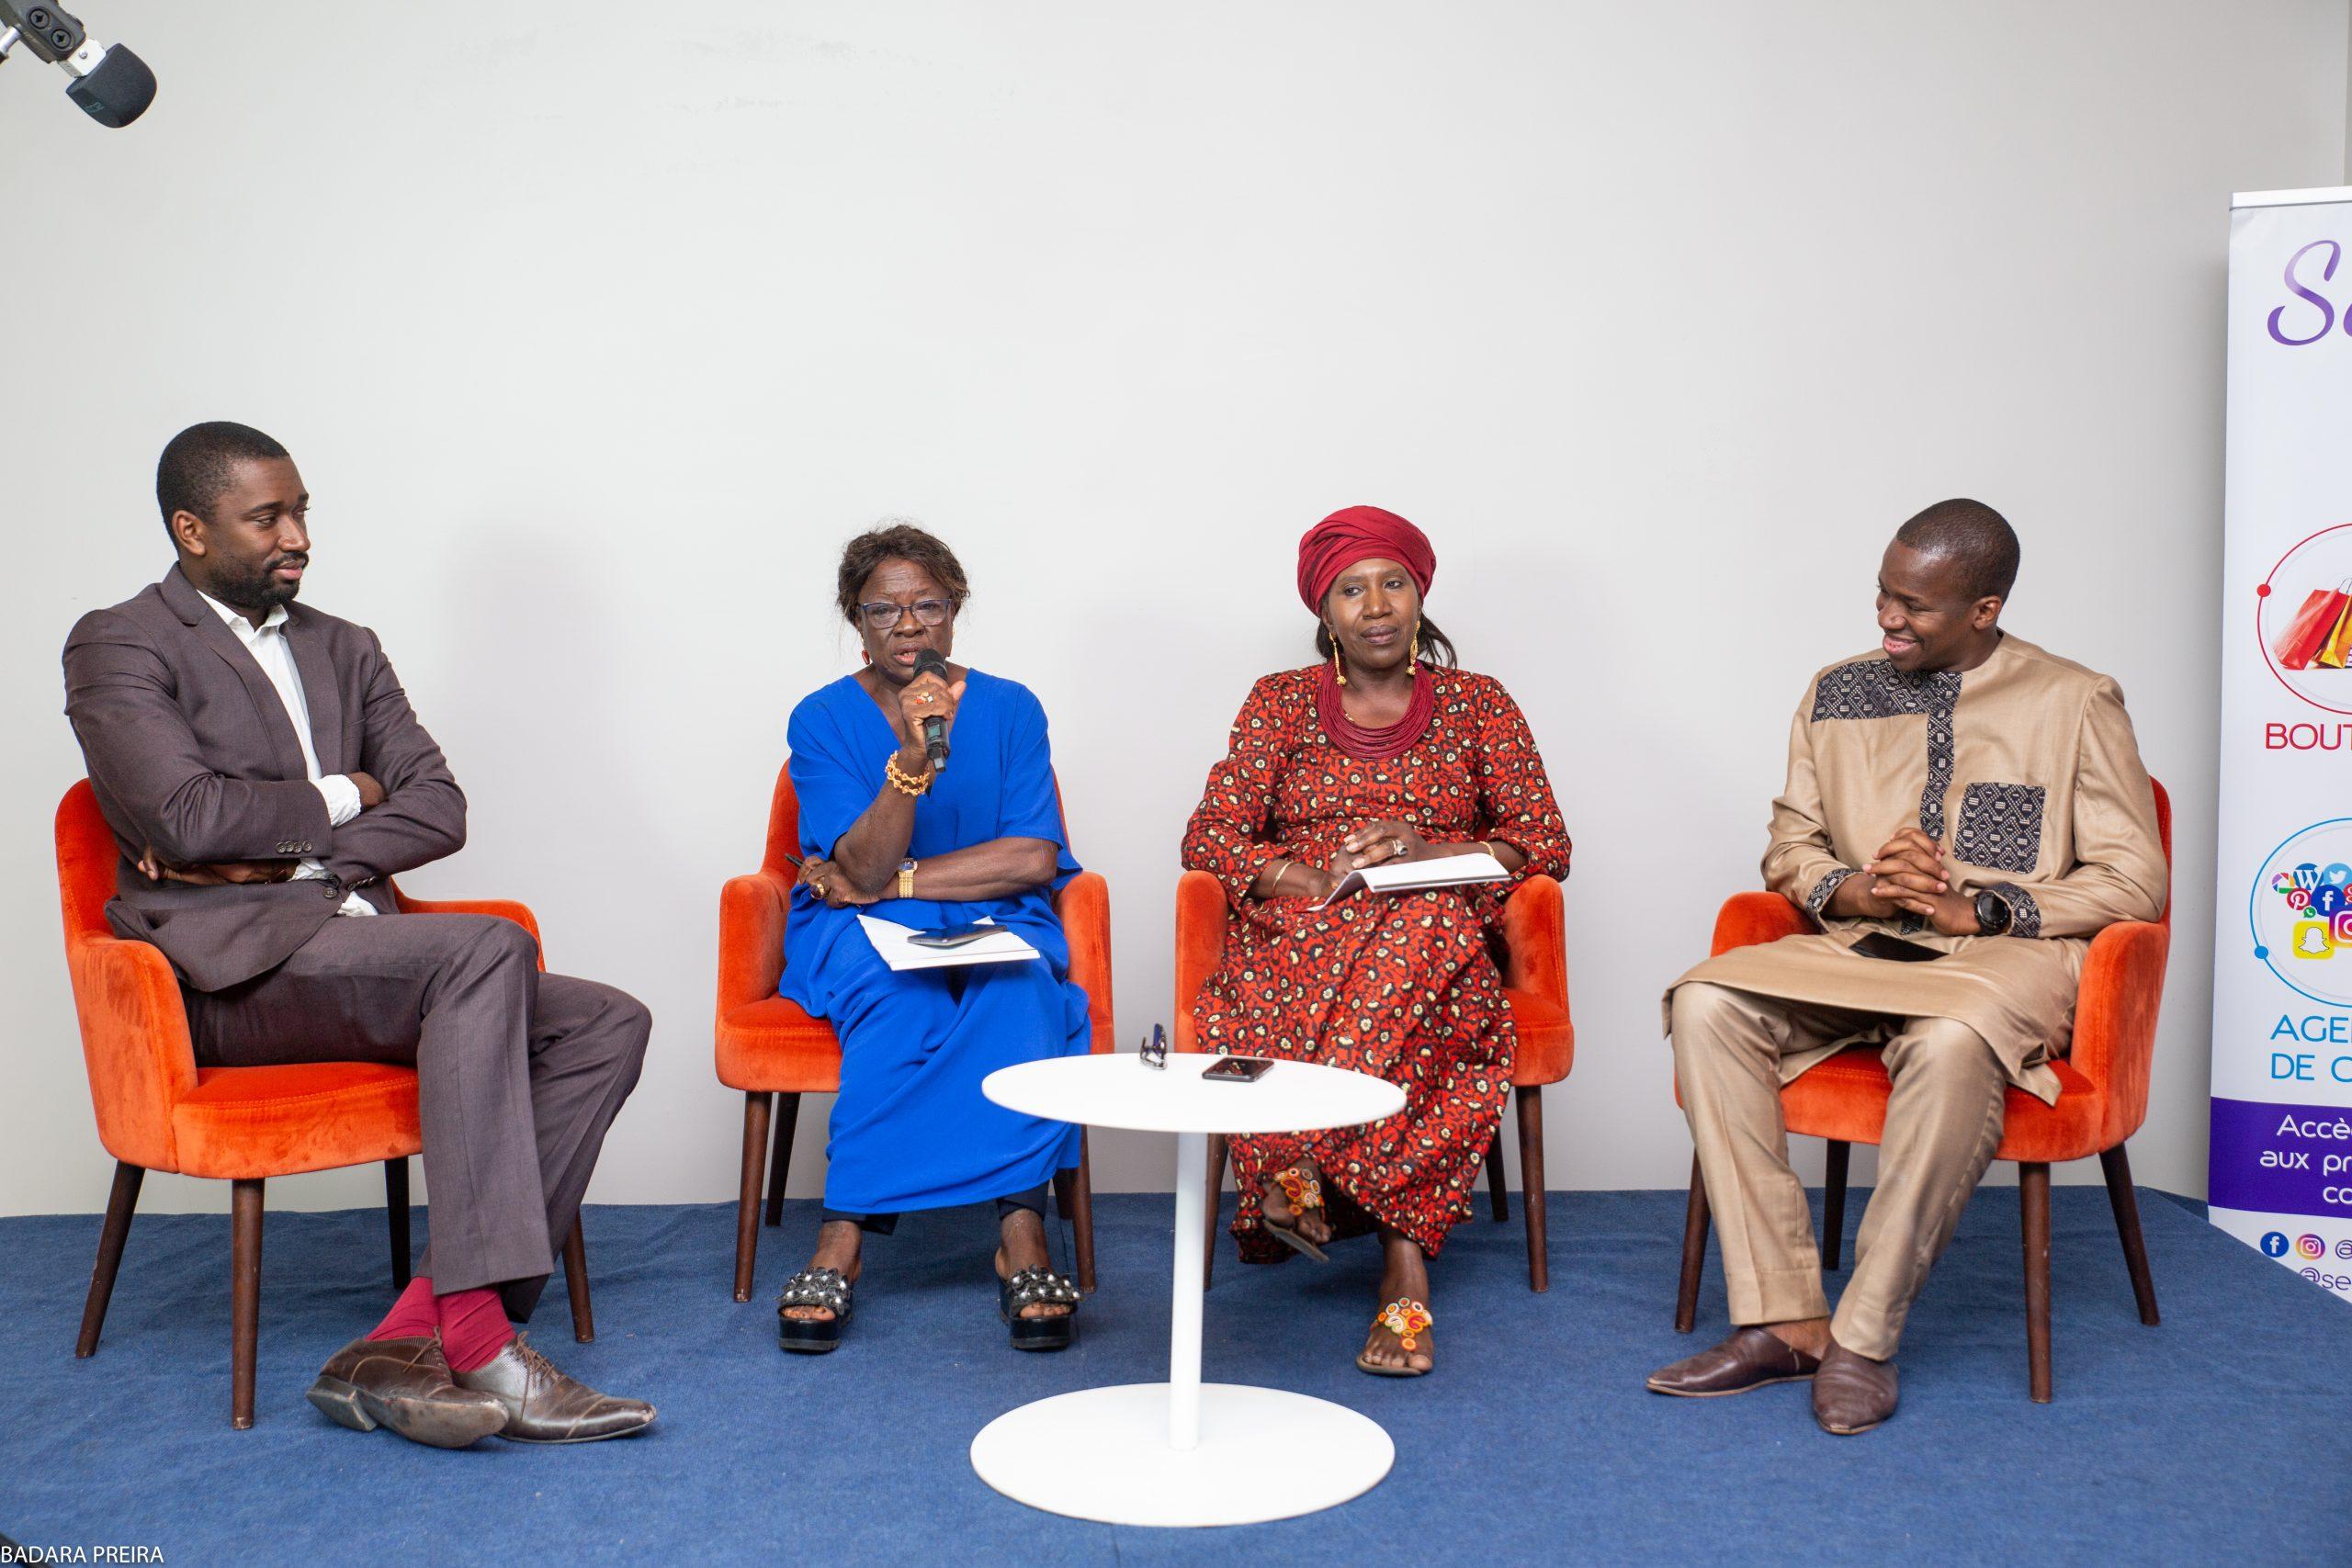 acteurs du secteur de la beauté et cosmétiques en Afrique francophone